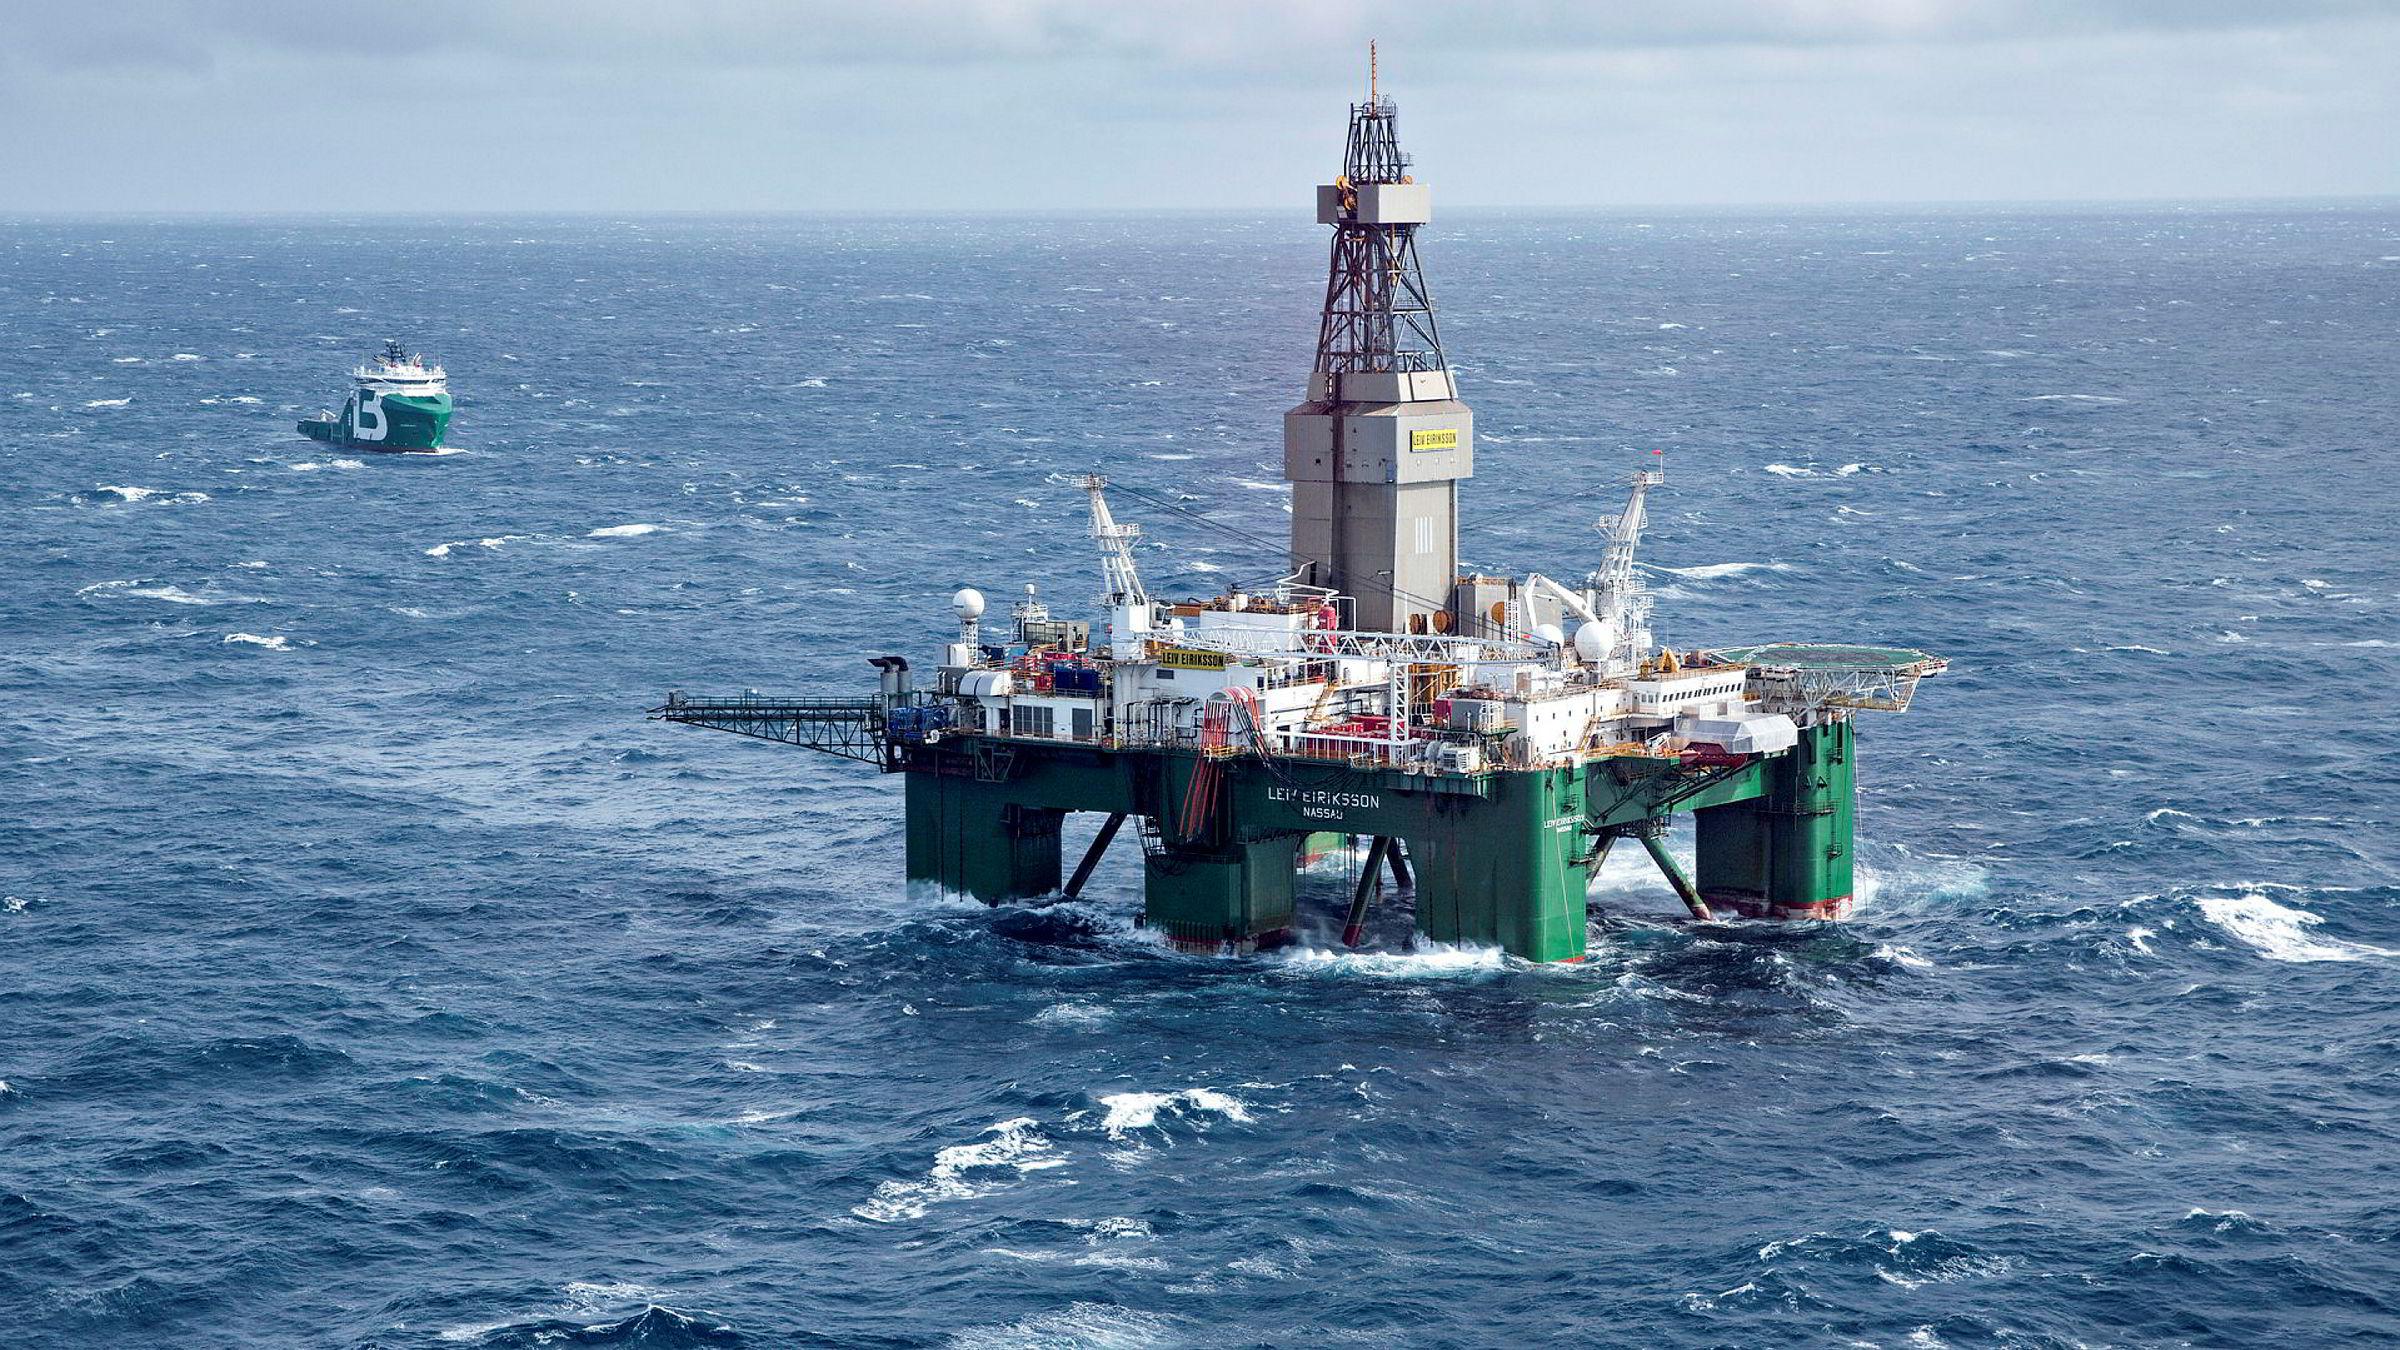 En av fire mener Norge bør stoppe leting etter ny olje av hensyn til klima.